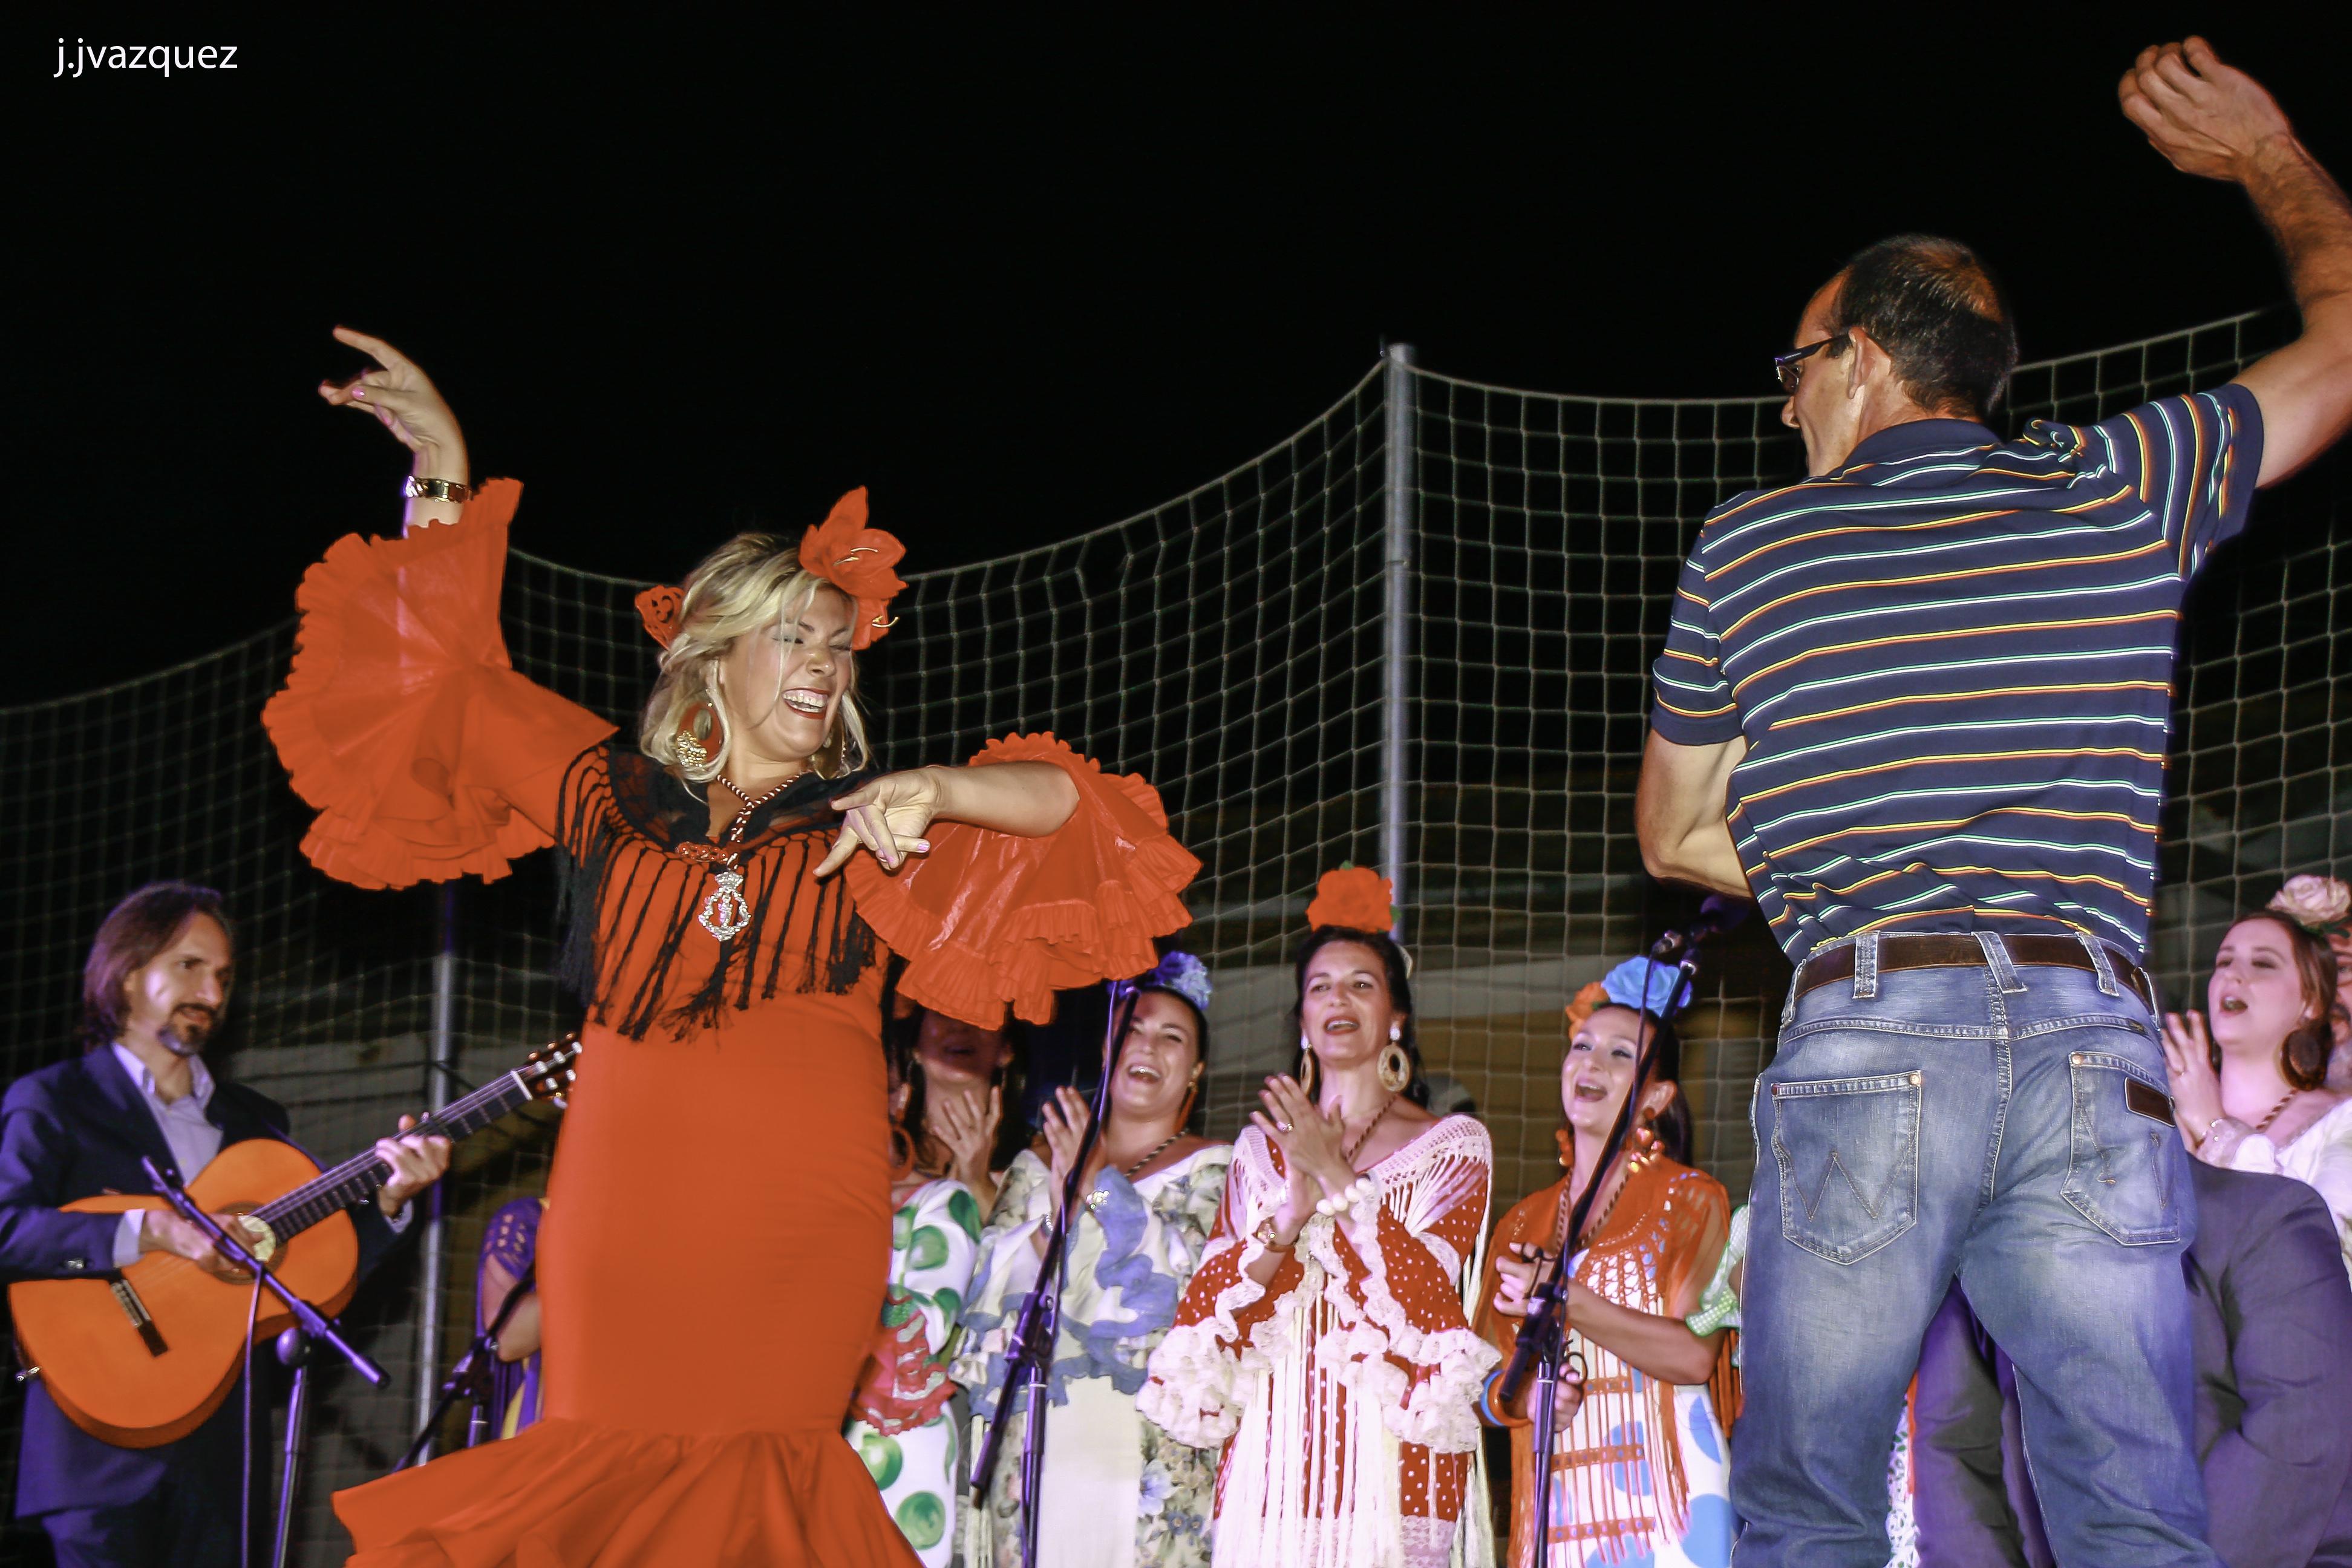 Fiestas de San Juan 2013